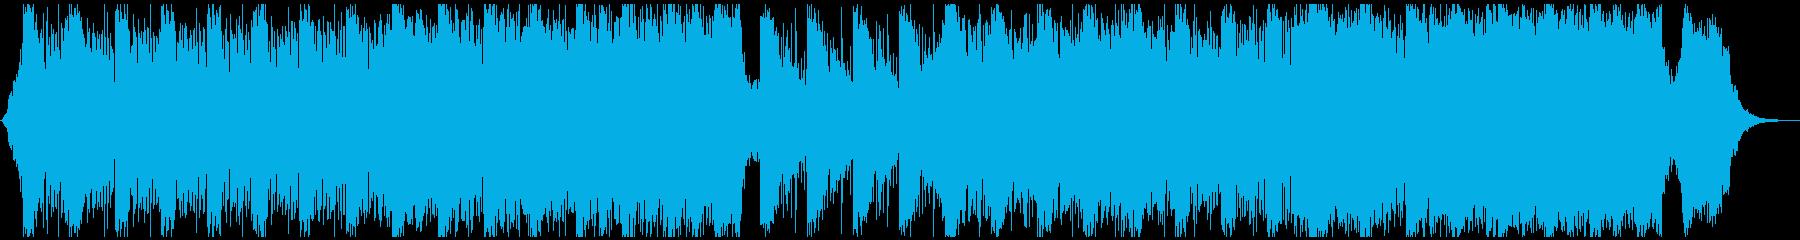 モダン 交響曲 室内楽 荘厳 エピ...の再生済みの波形